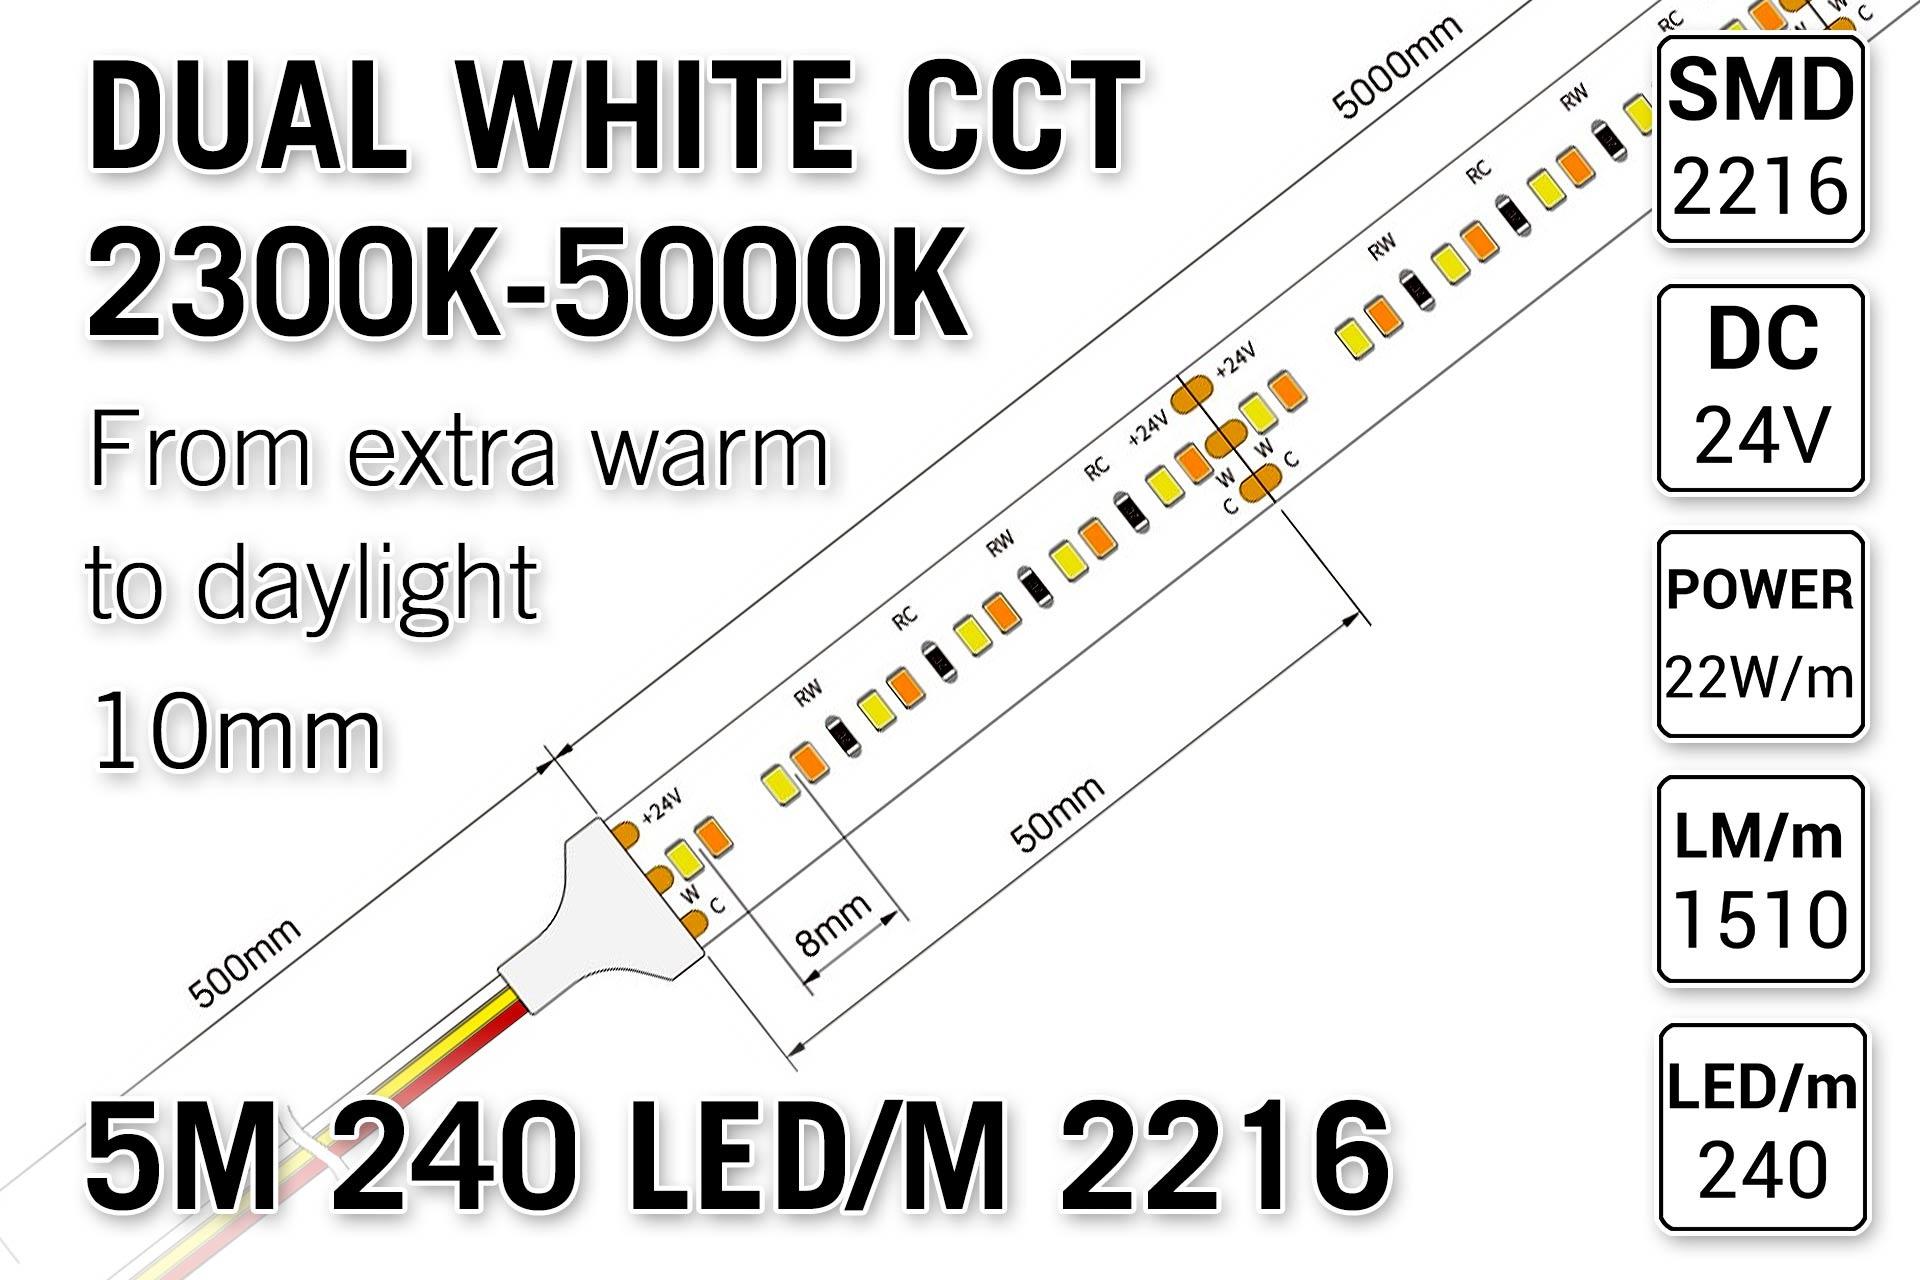 PRO LINE Dual Wit 2300K~5000K CCT Led Strip | 5m 240 Leds pm Type 2216 24V - Losse Strip